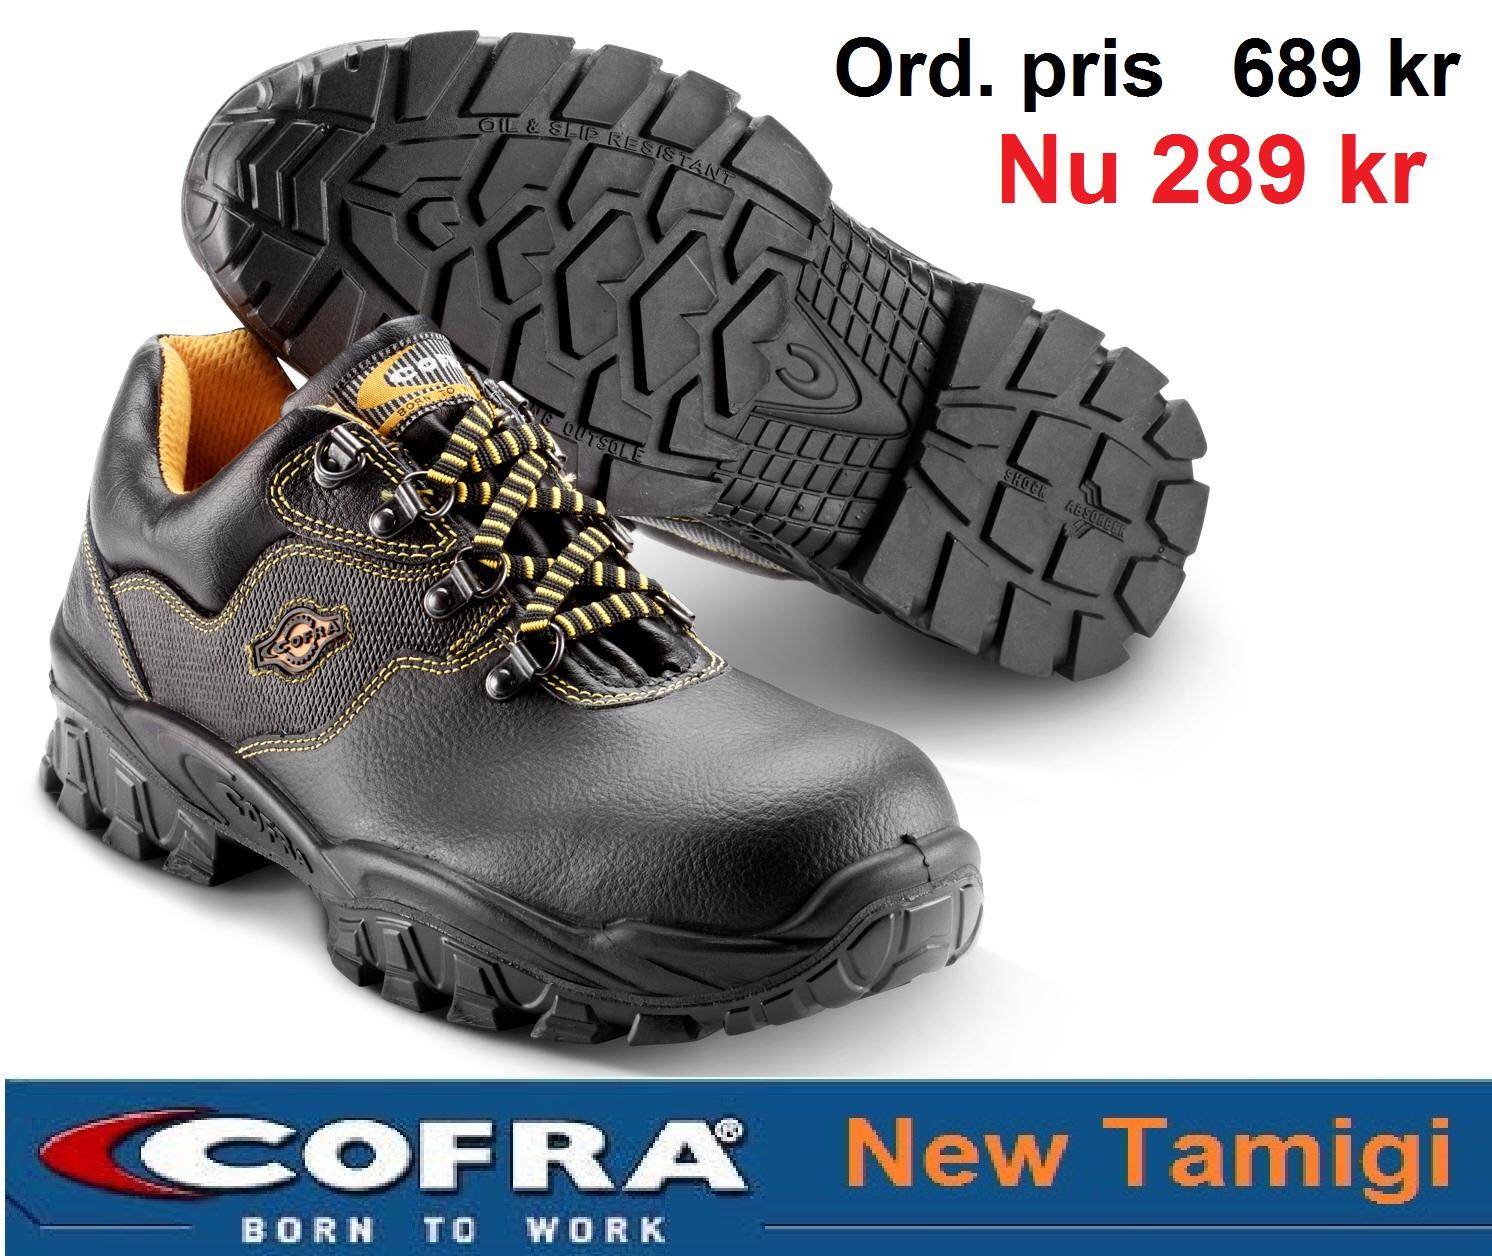 Cofra New Tamigi. Nu endast 289 kr